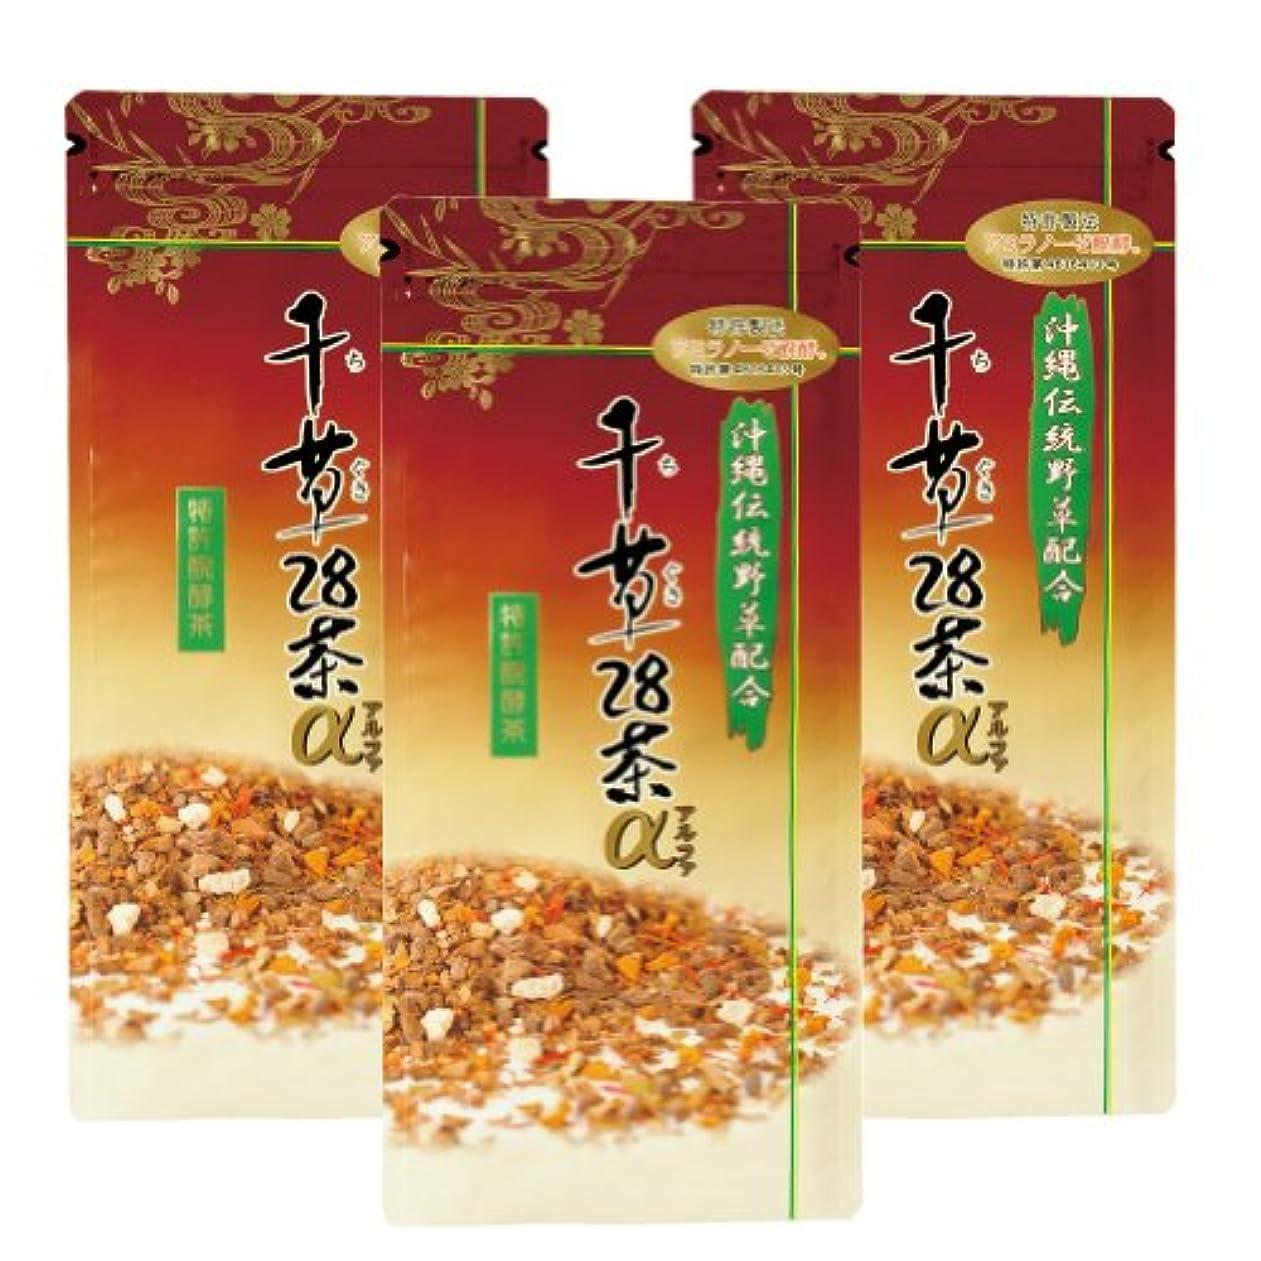 真鍮彫る外国人千草28茶α 200g×3個